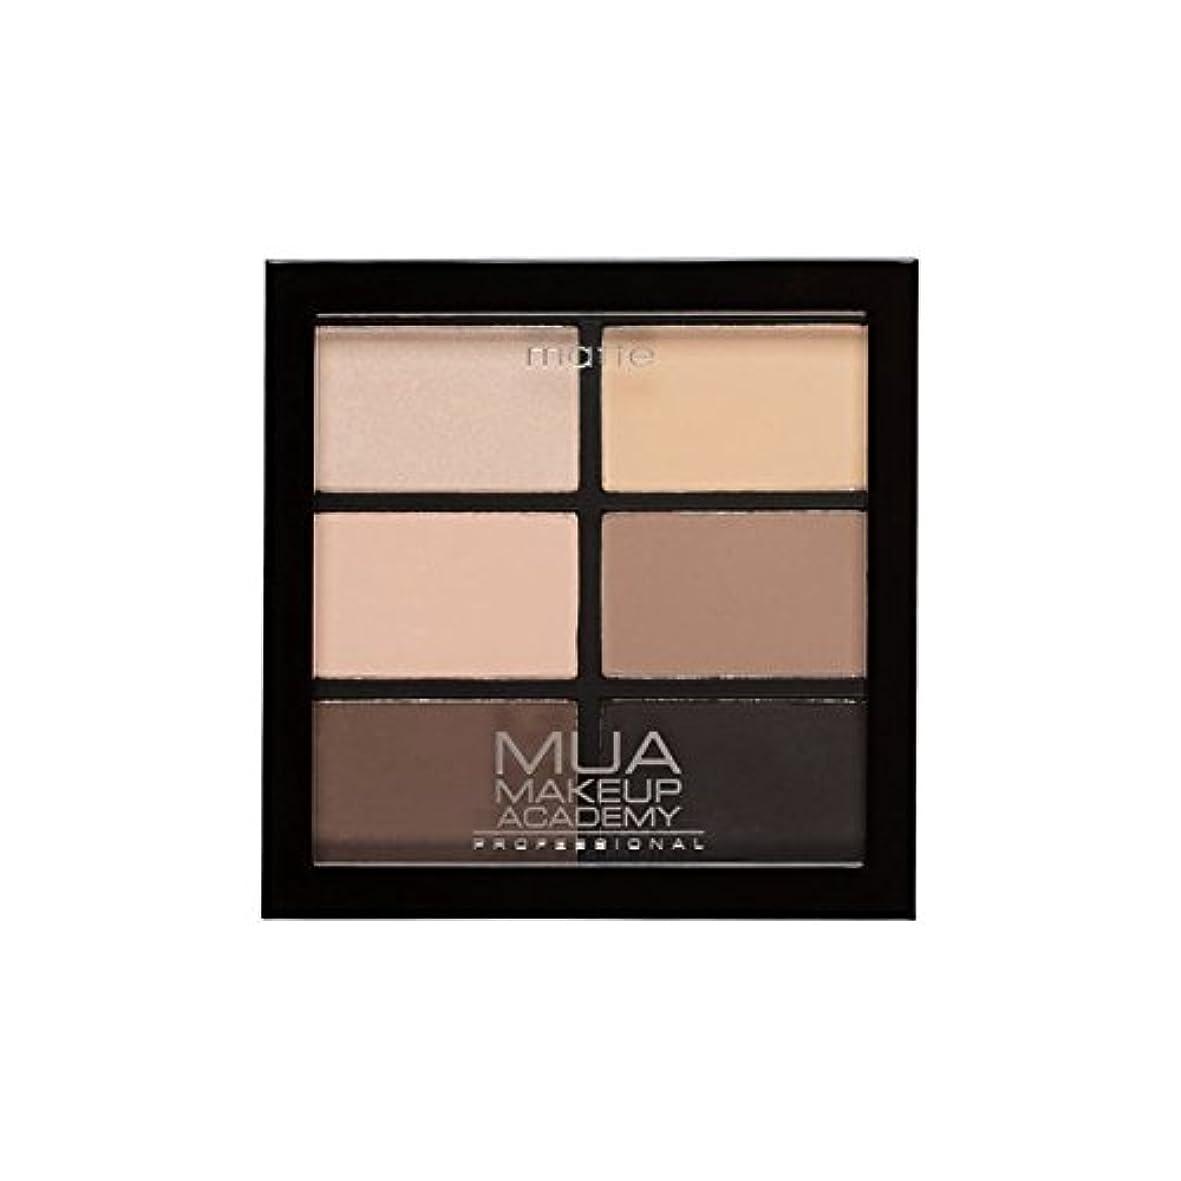 正直可能にする保証するプロ6日陰パレット自然の必需品 x4 - MUA Professional 6 Shade Palette Natural Essentials (Pack of 4) [並行輸入品]